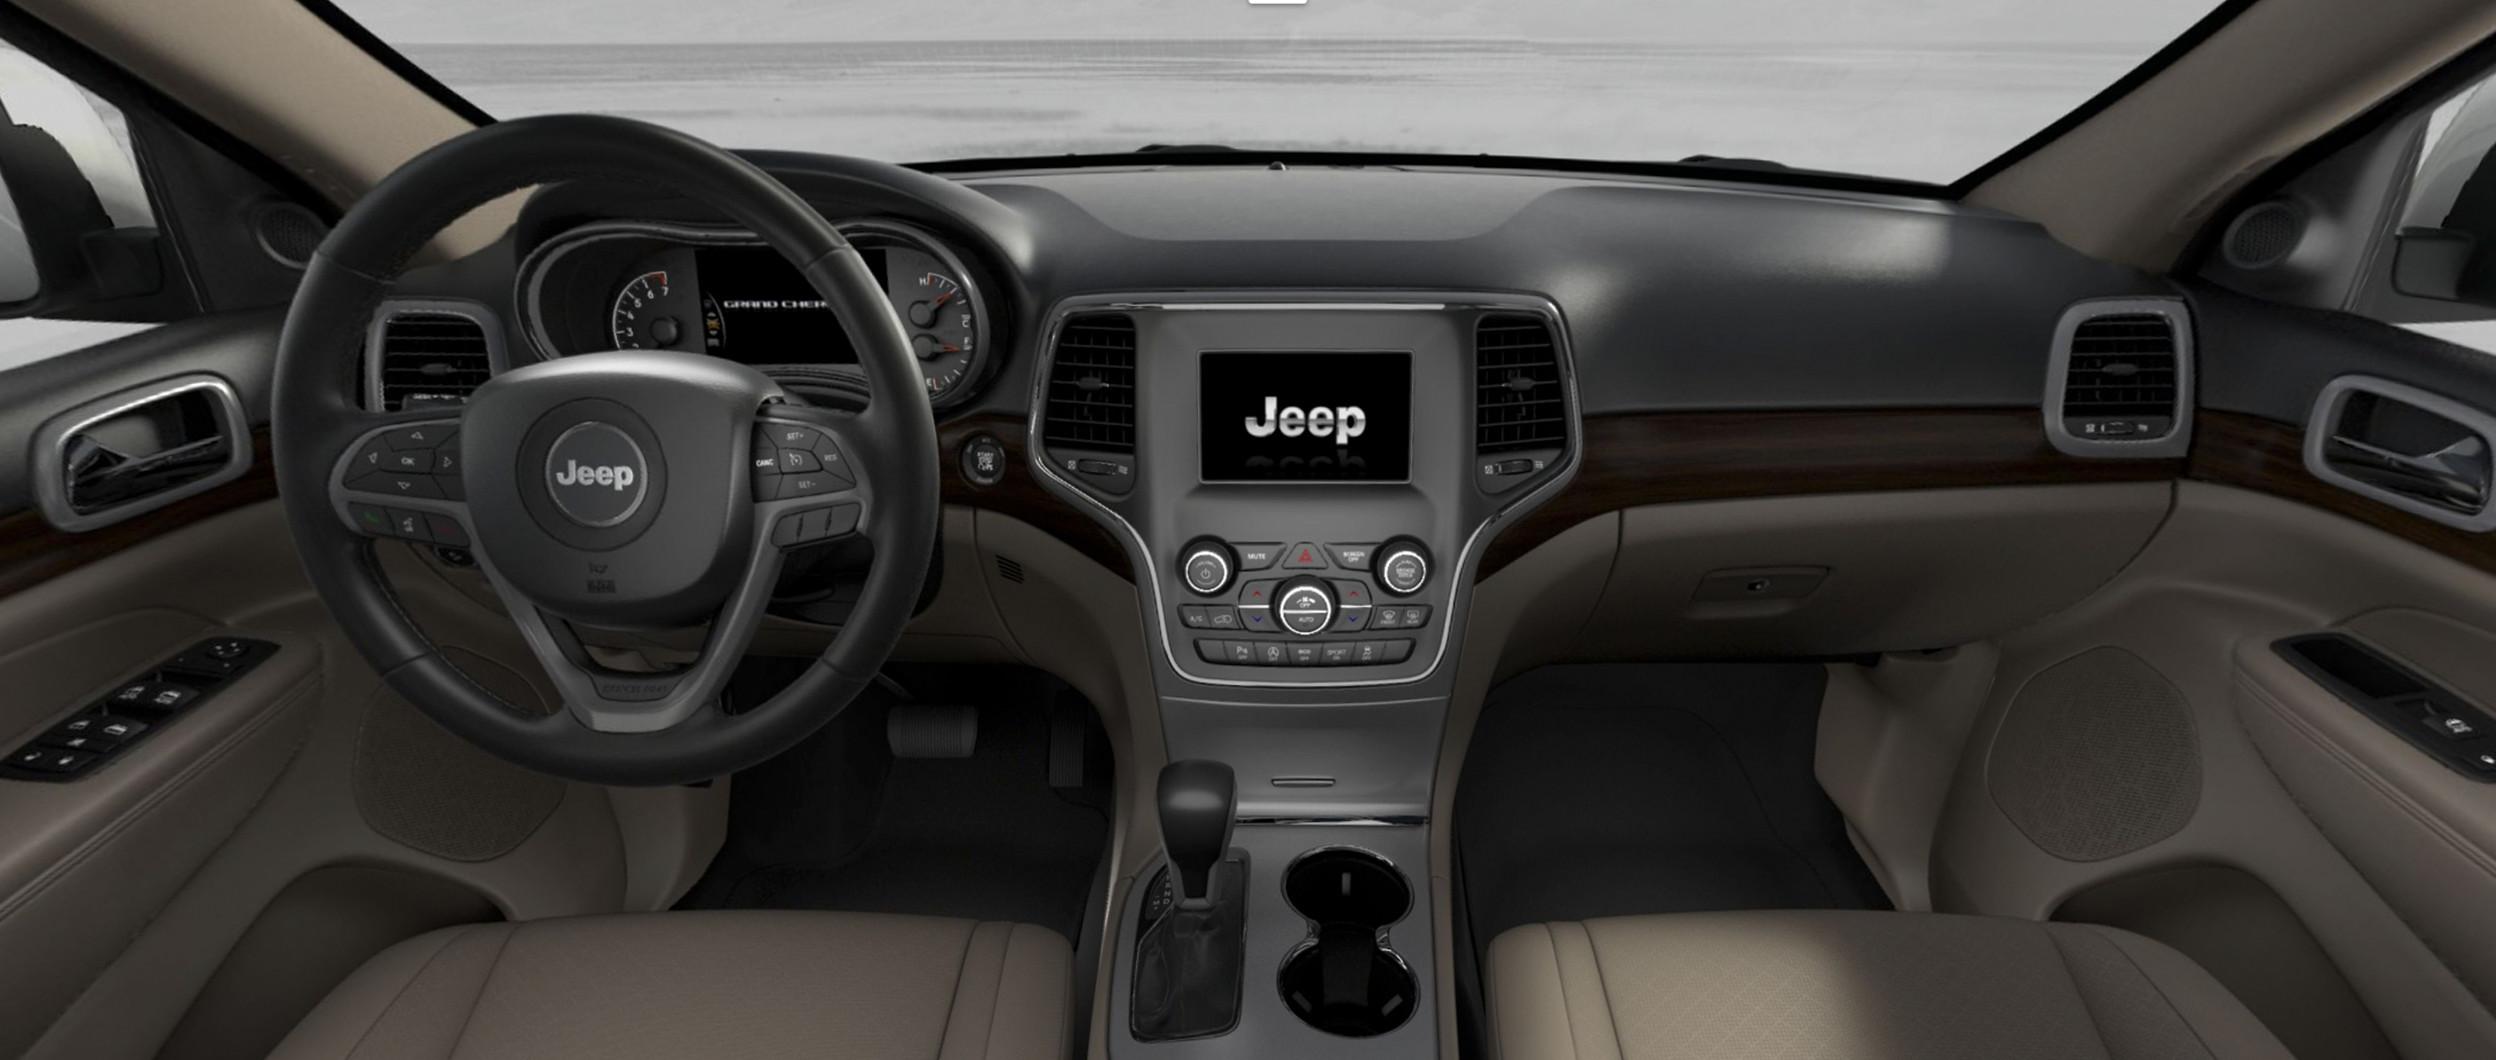 2018 Jeep Grand Cherokee Interior Gallery Door View Laredo 360